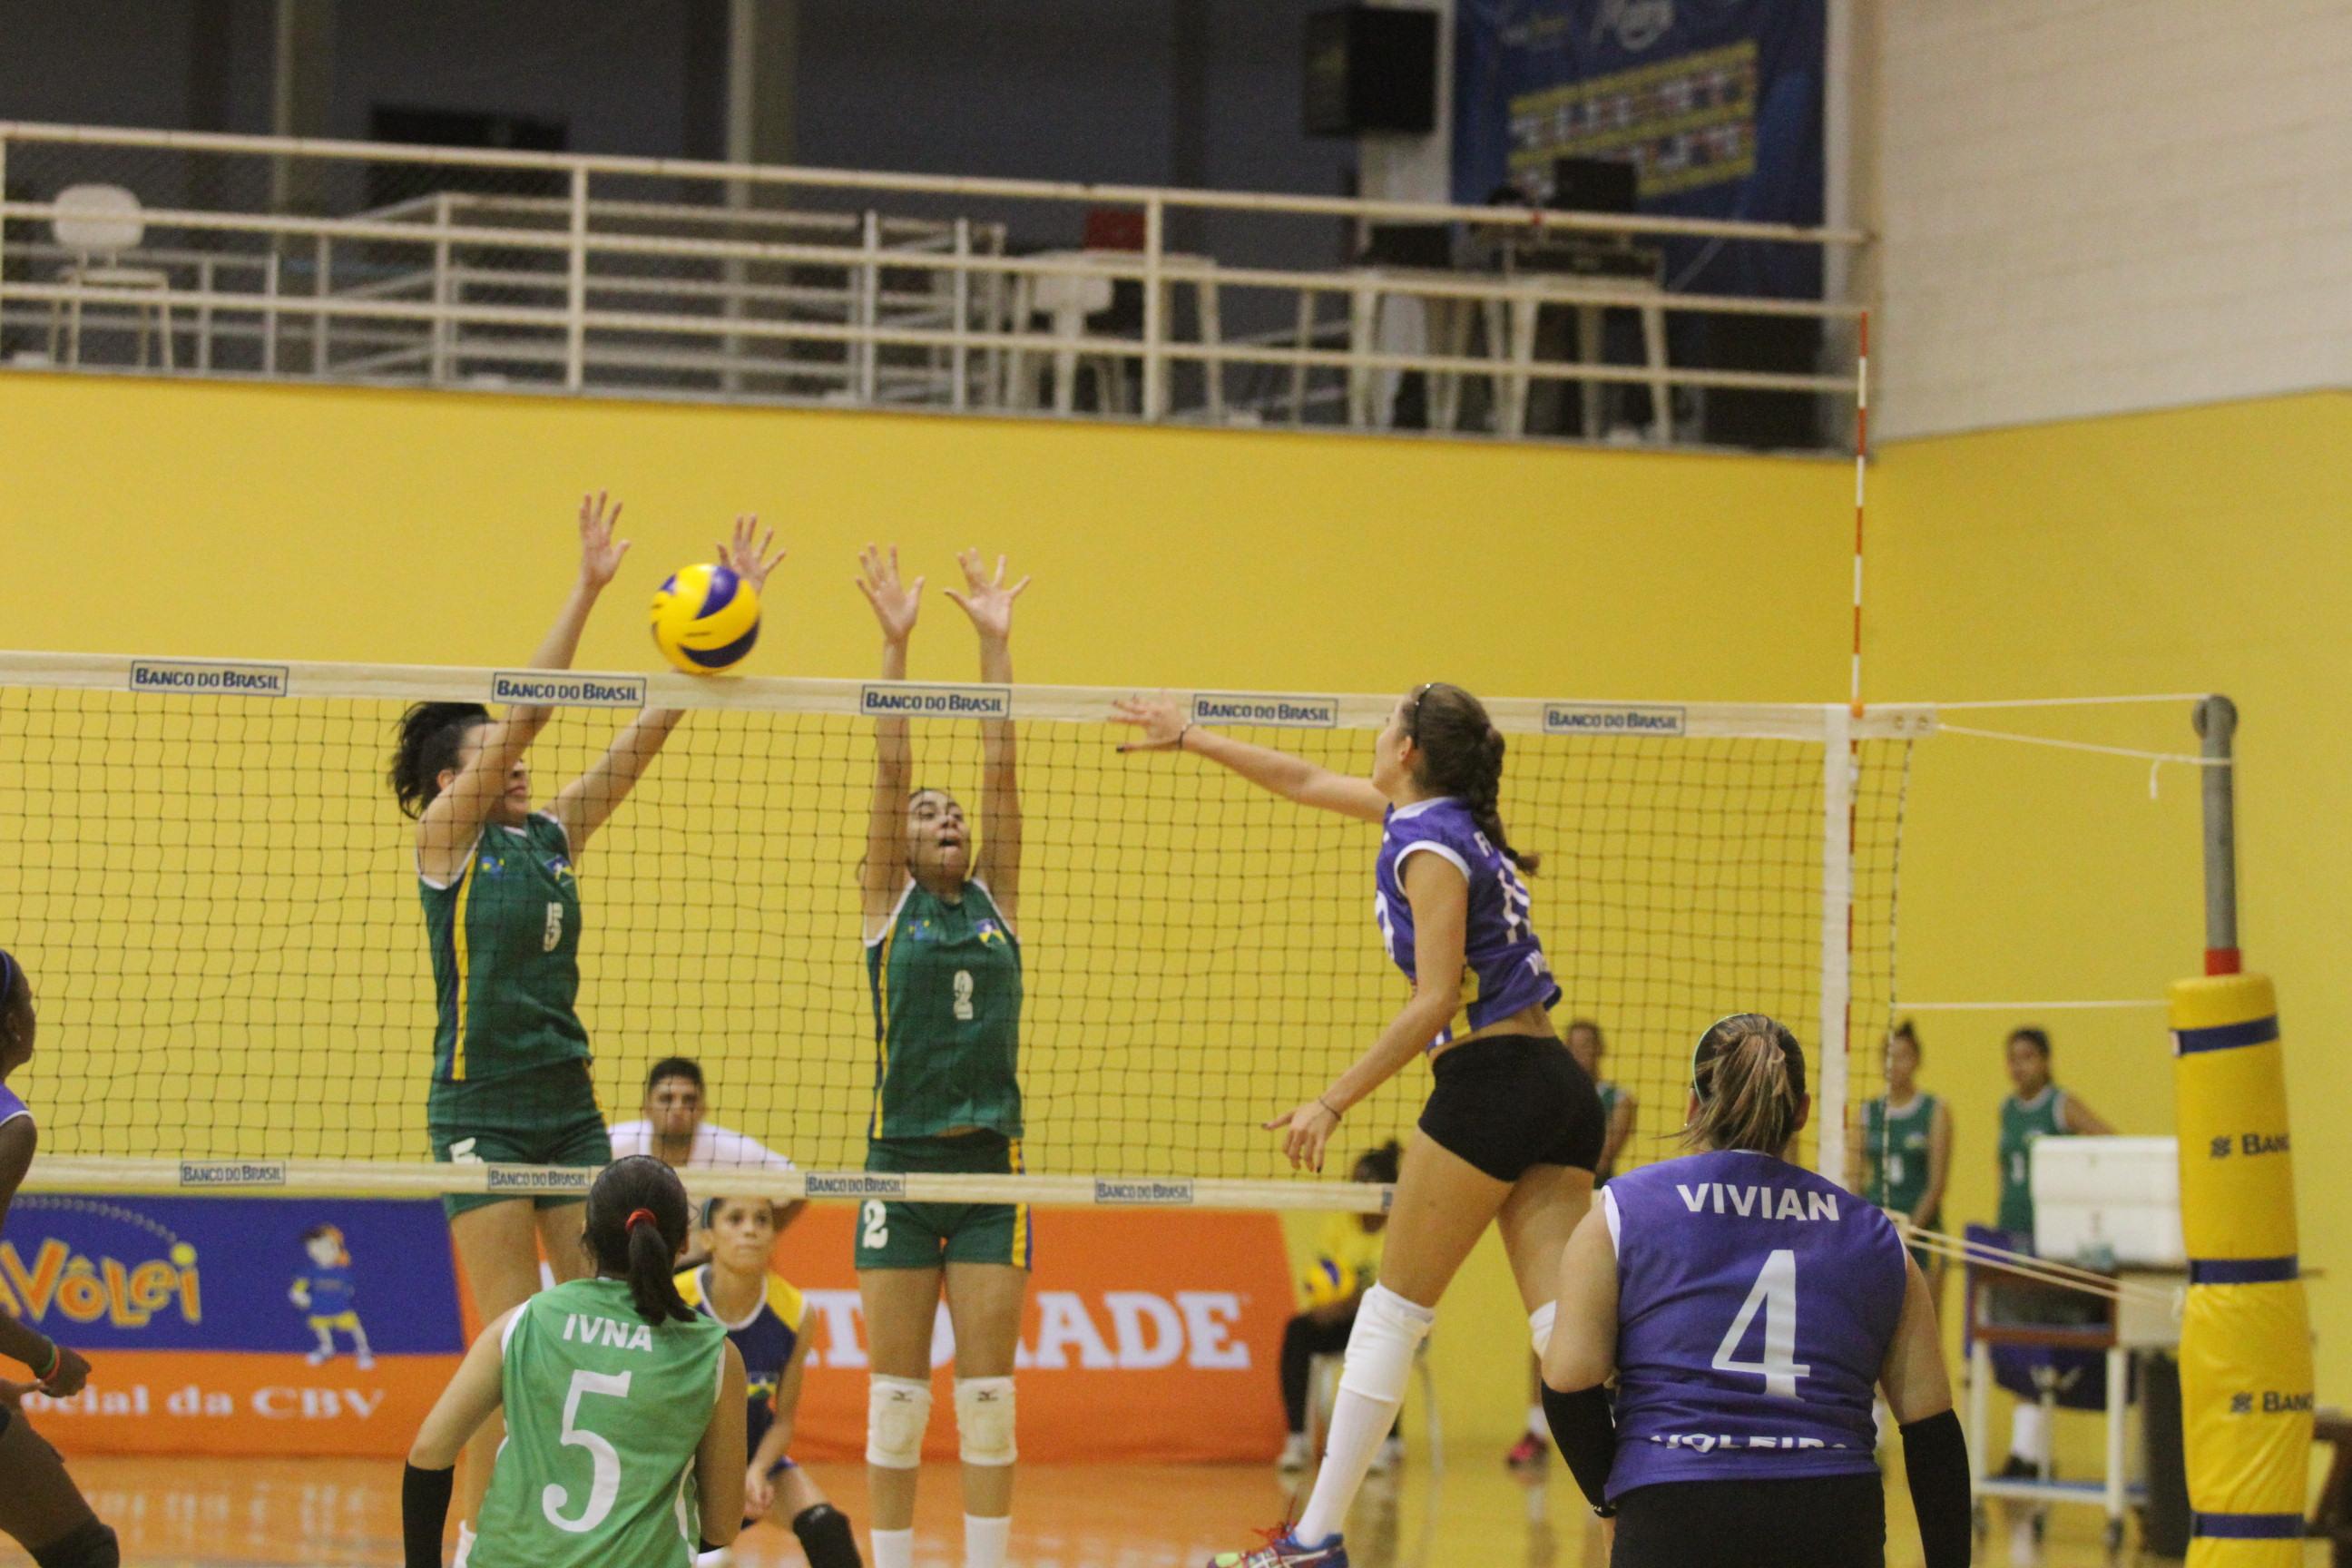 Torneio tem início com cinco partidas em Saquarema